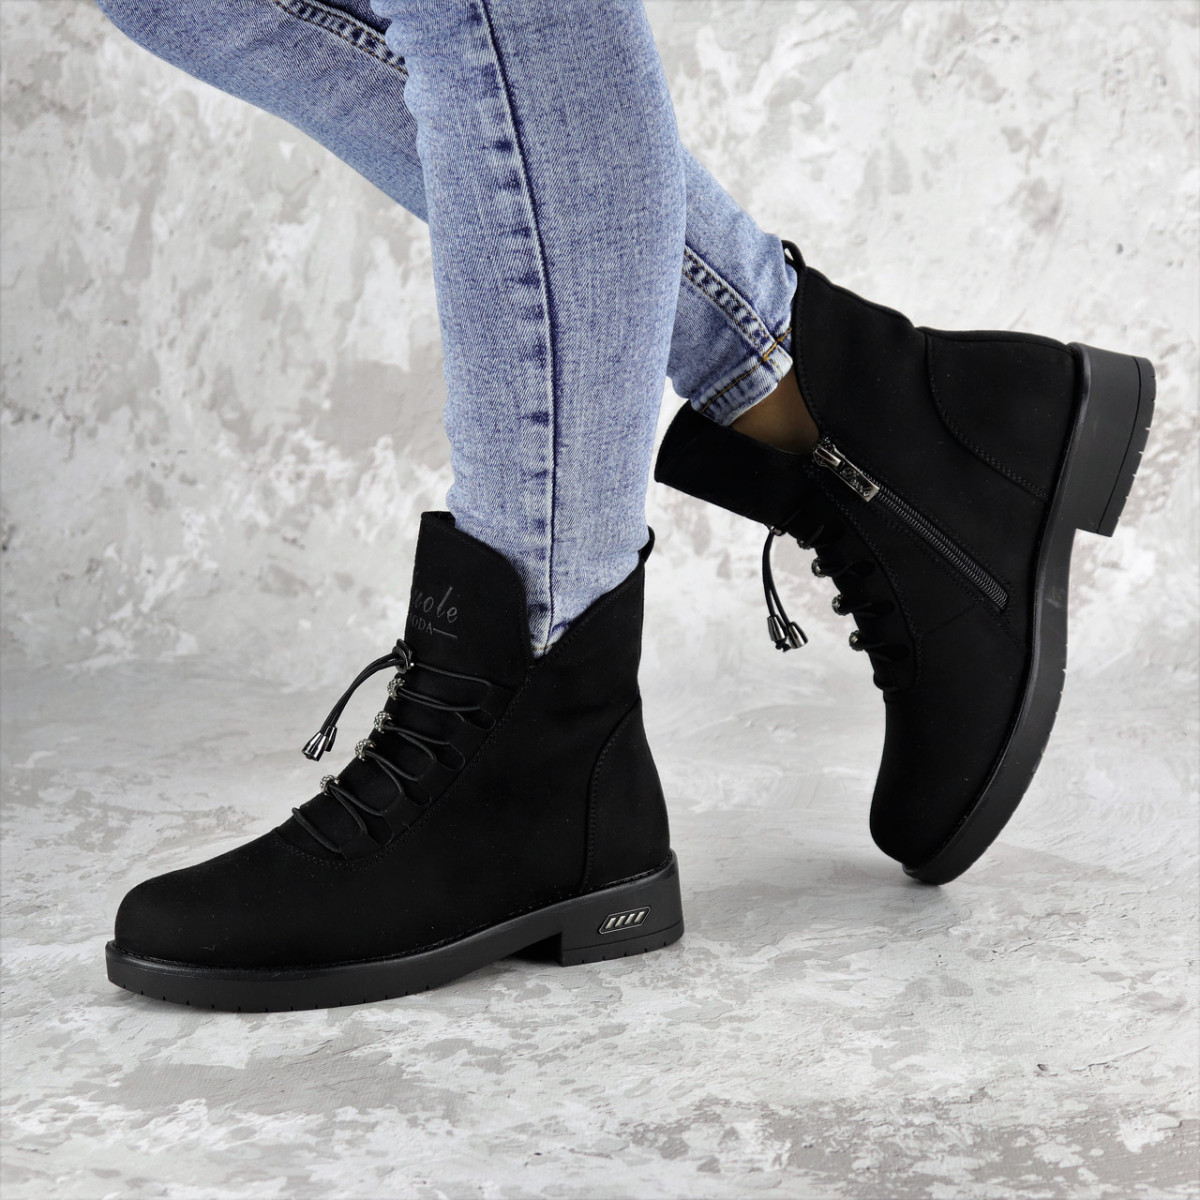 Женские зимние ботинки Paddie черные 1391 (36 размер)